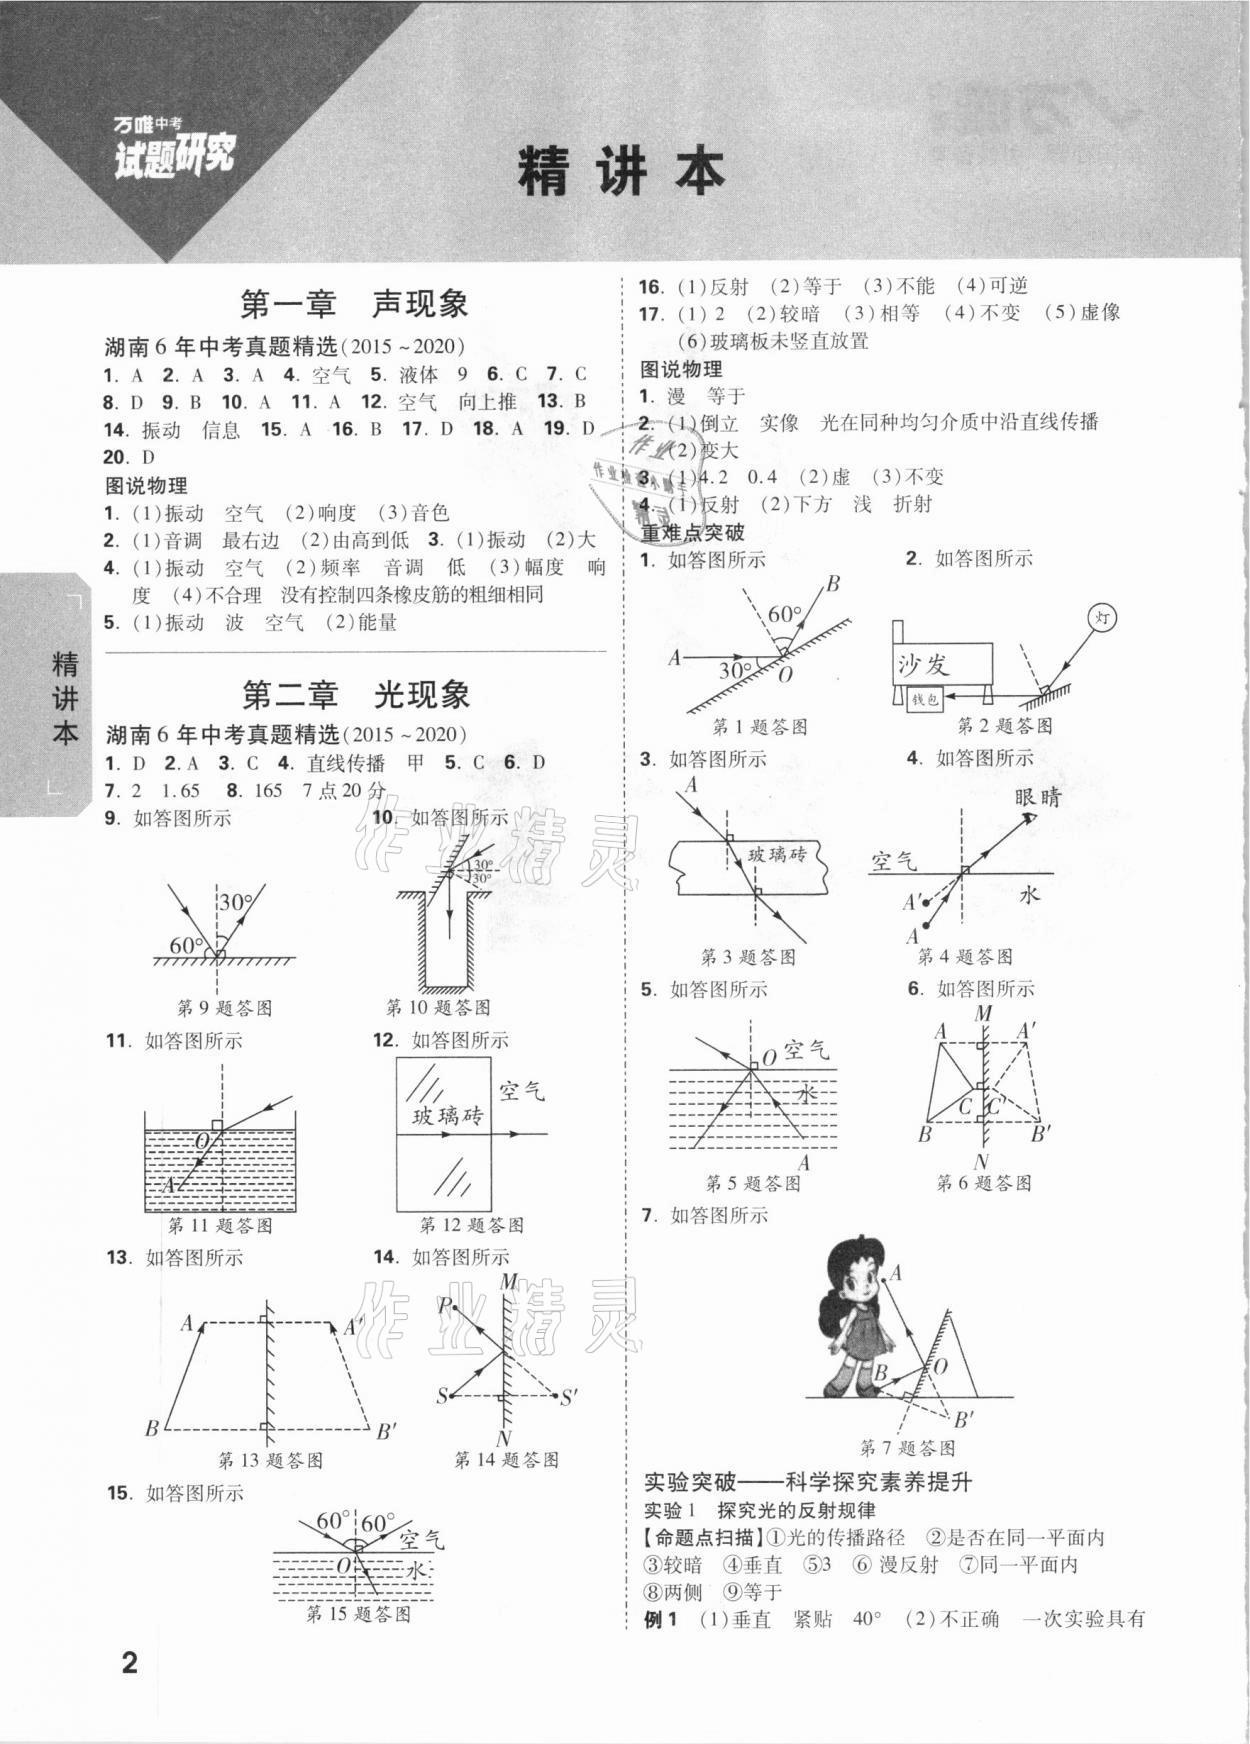 2021年万唯中考试题研究物理湖南专版参考答案第1页